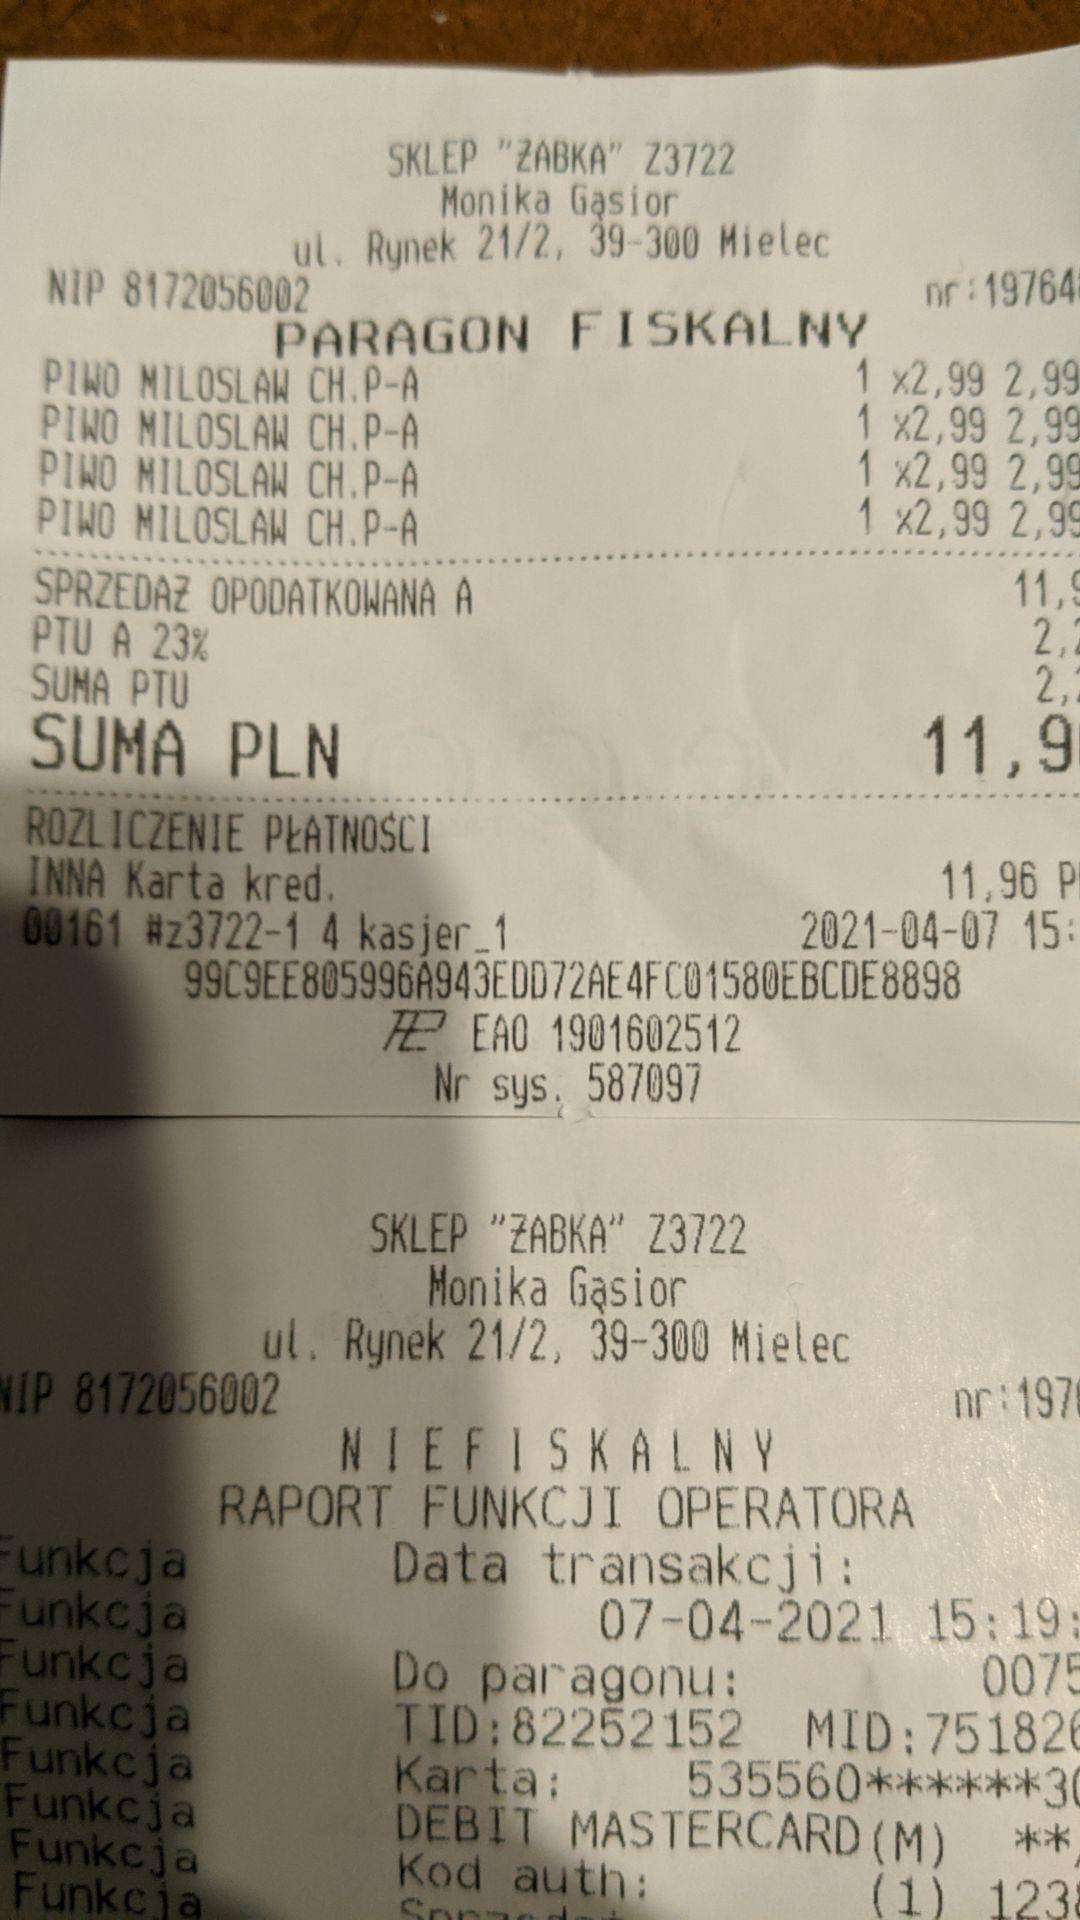 Piwo Miłosław Chmielowy lager puszka 0.5 Żabka